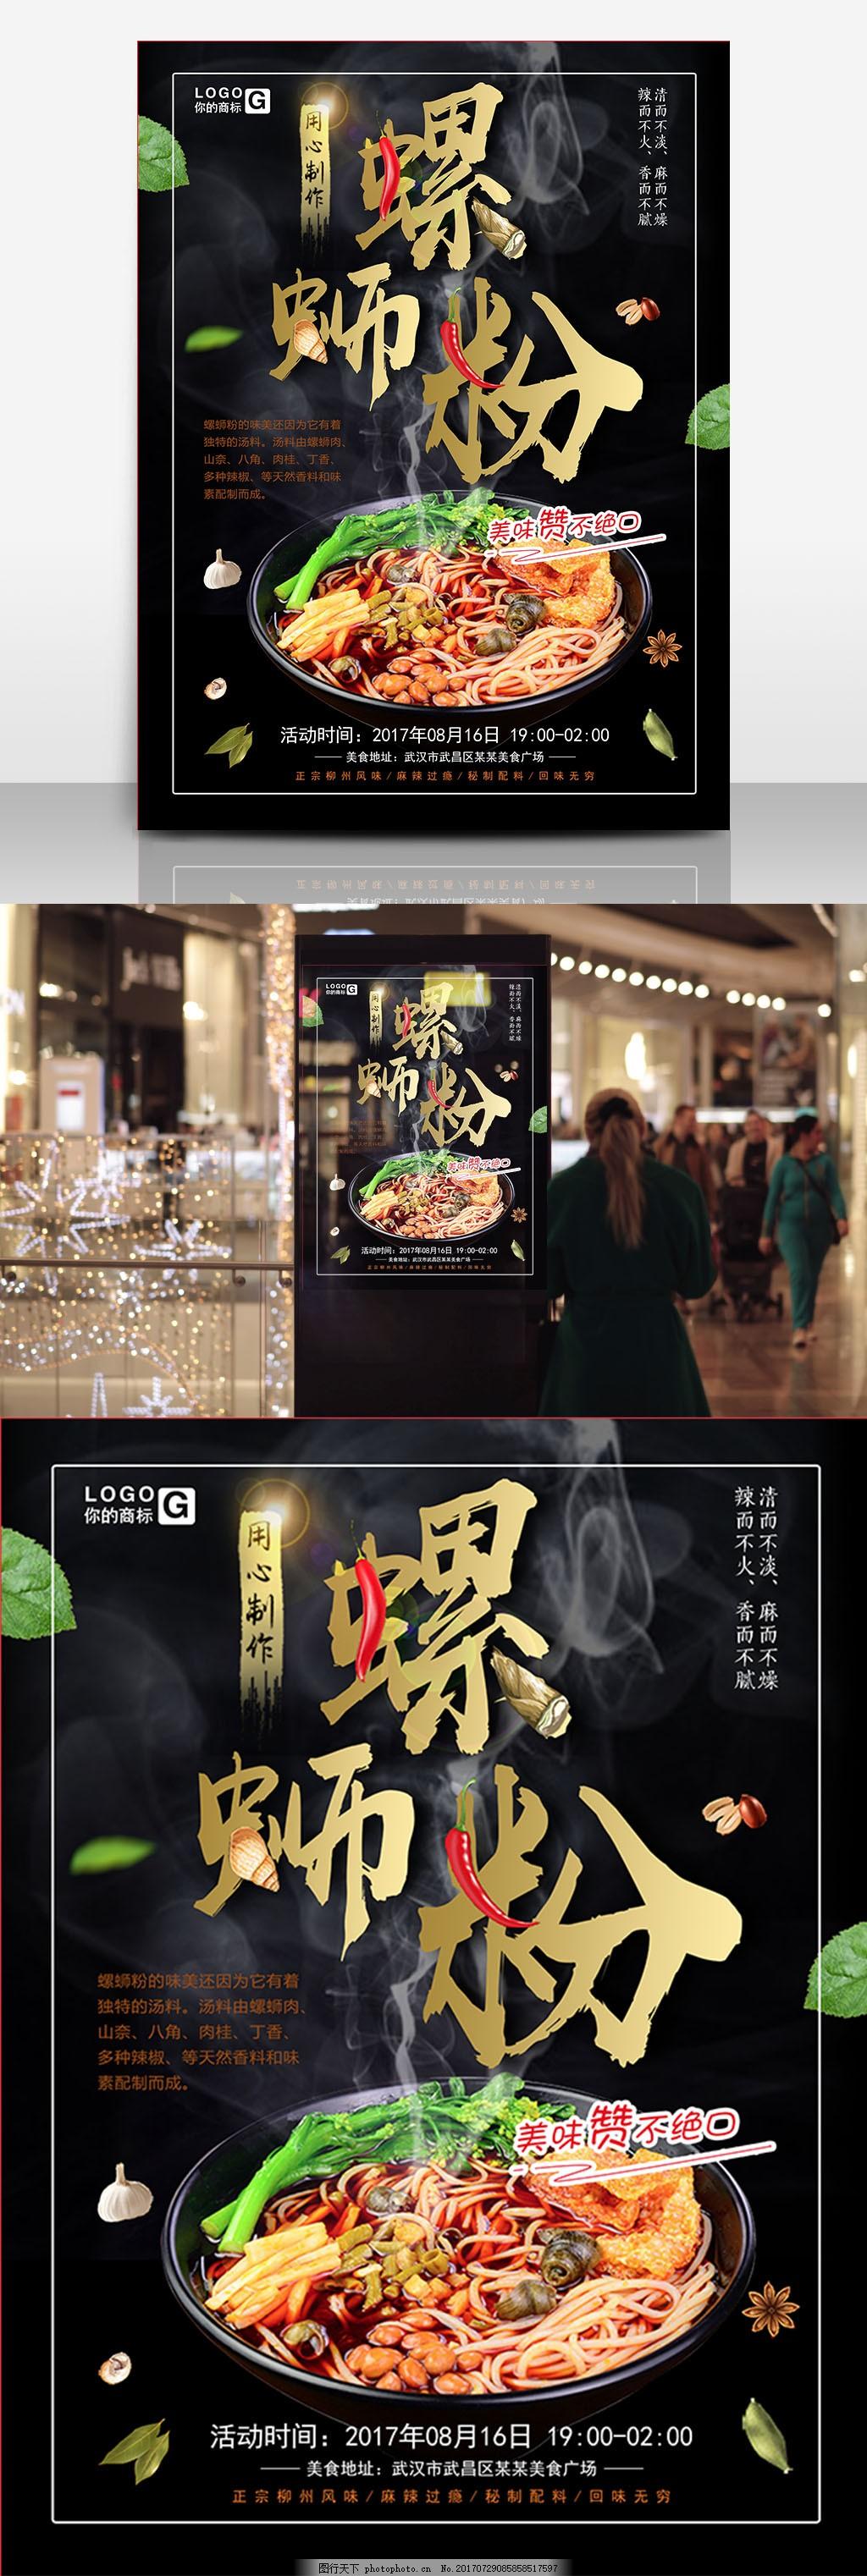 美味螺蛳粉美食宣传海报 美味赞不绝口 麻辣螺蛳粉 螺蛳粉美食海报